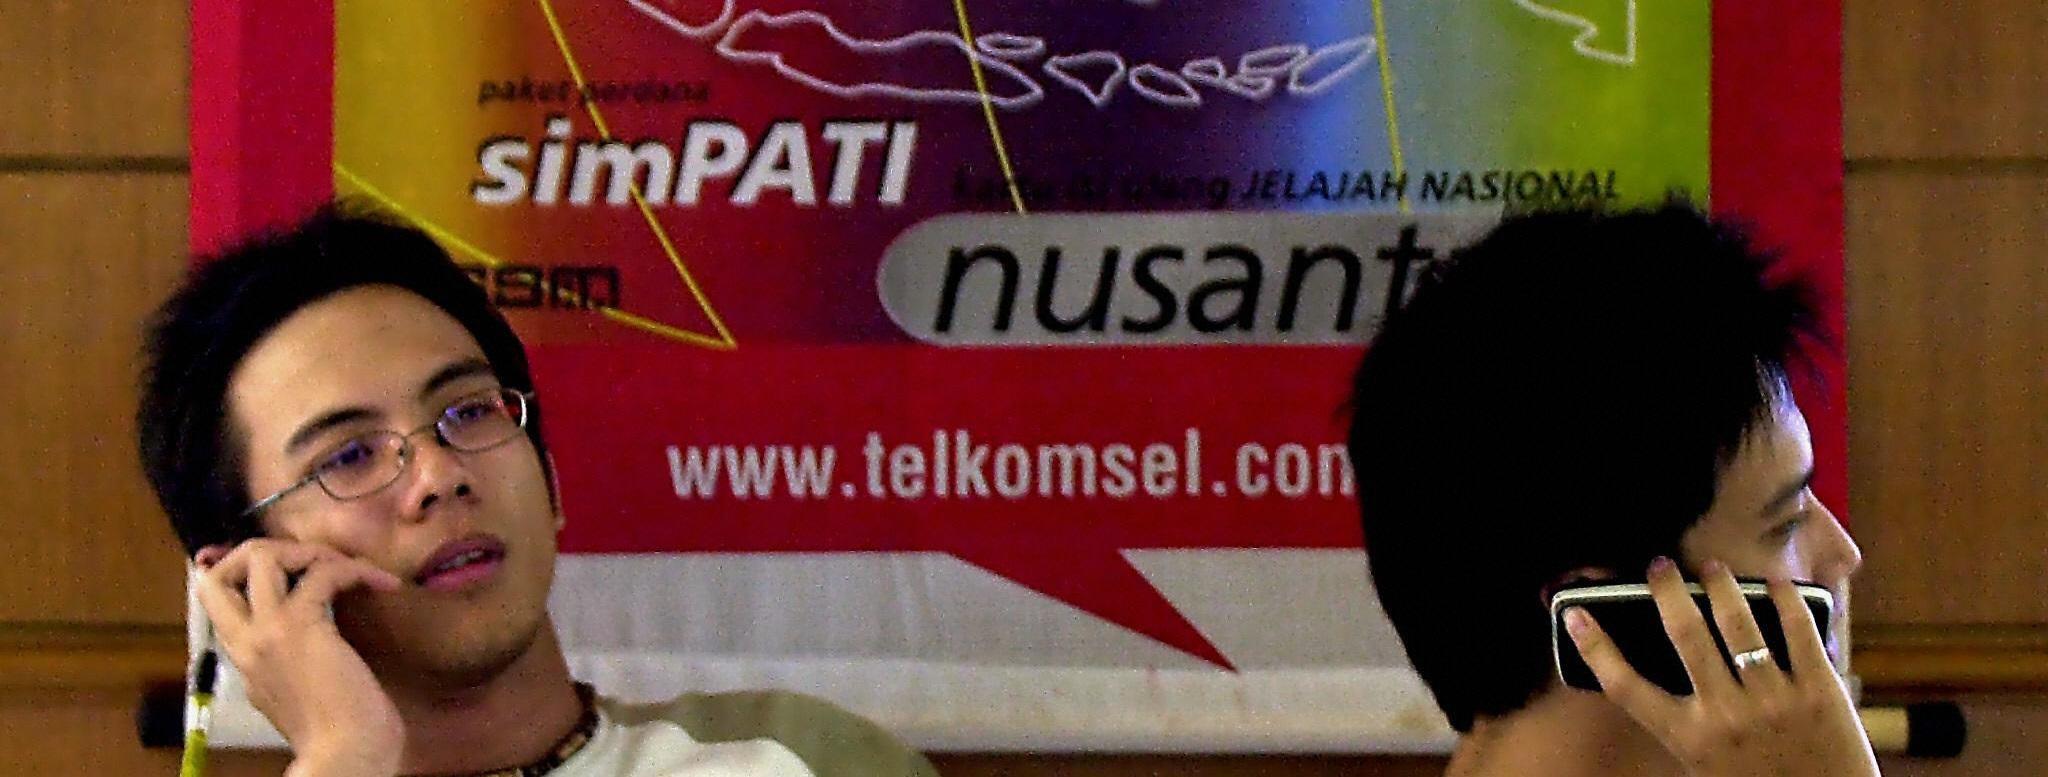 NSA: Australia Had Wide-Scale Access to Indonesia's Teleco